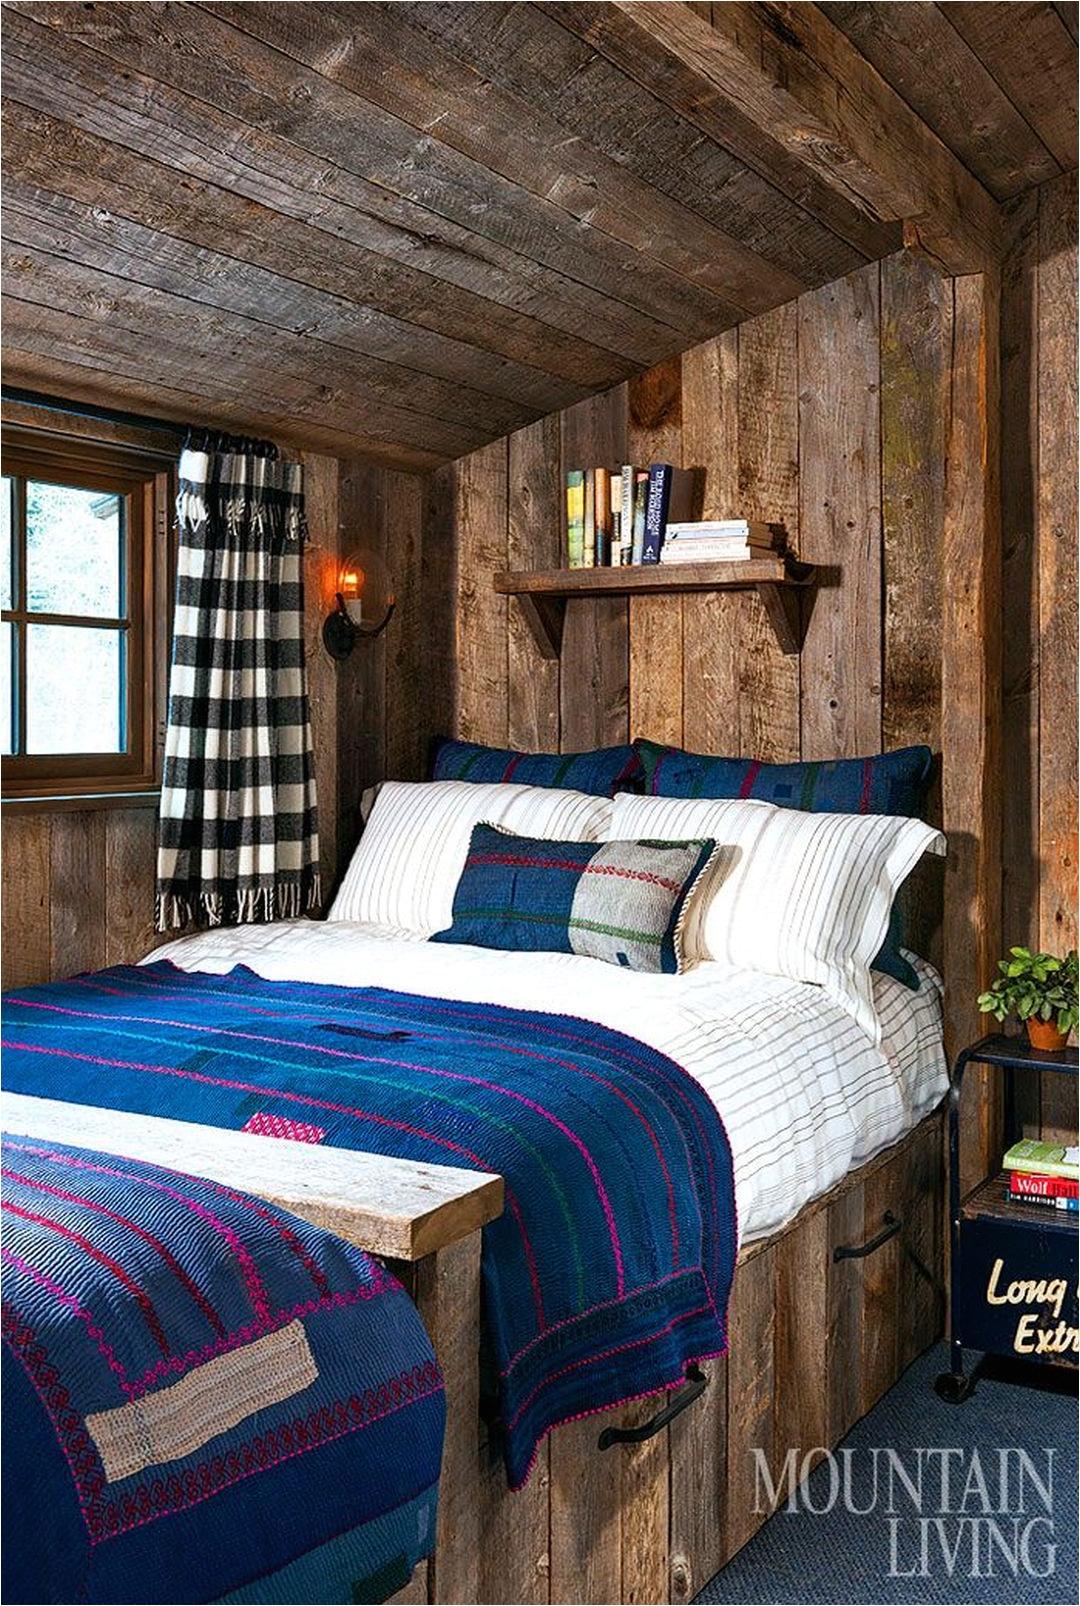 49 Gorgeous Rustic Cabin Interior Ideas